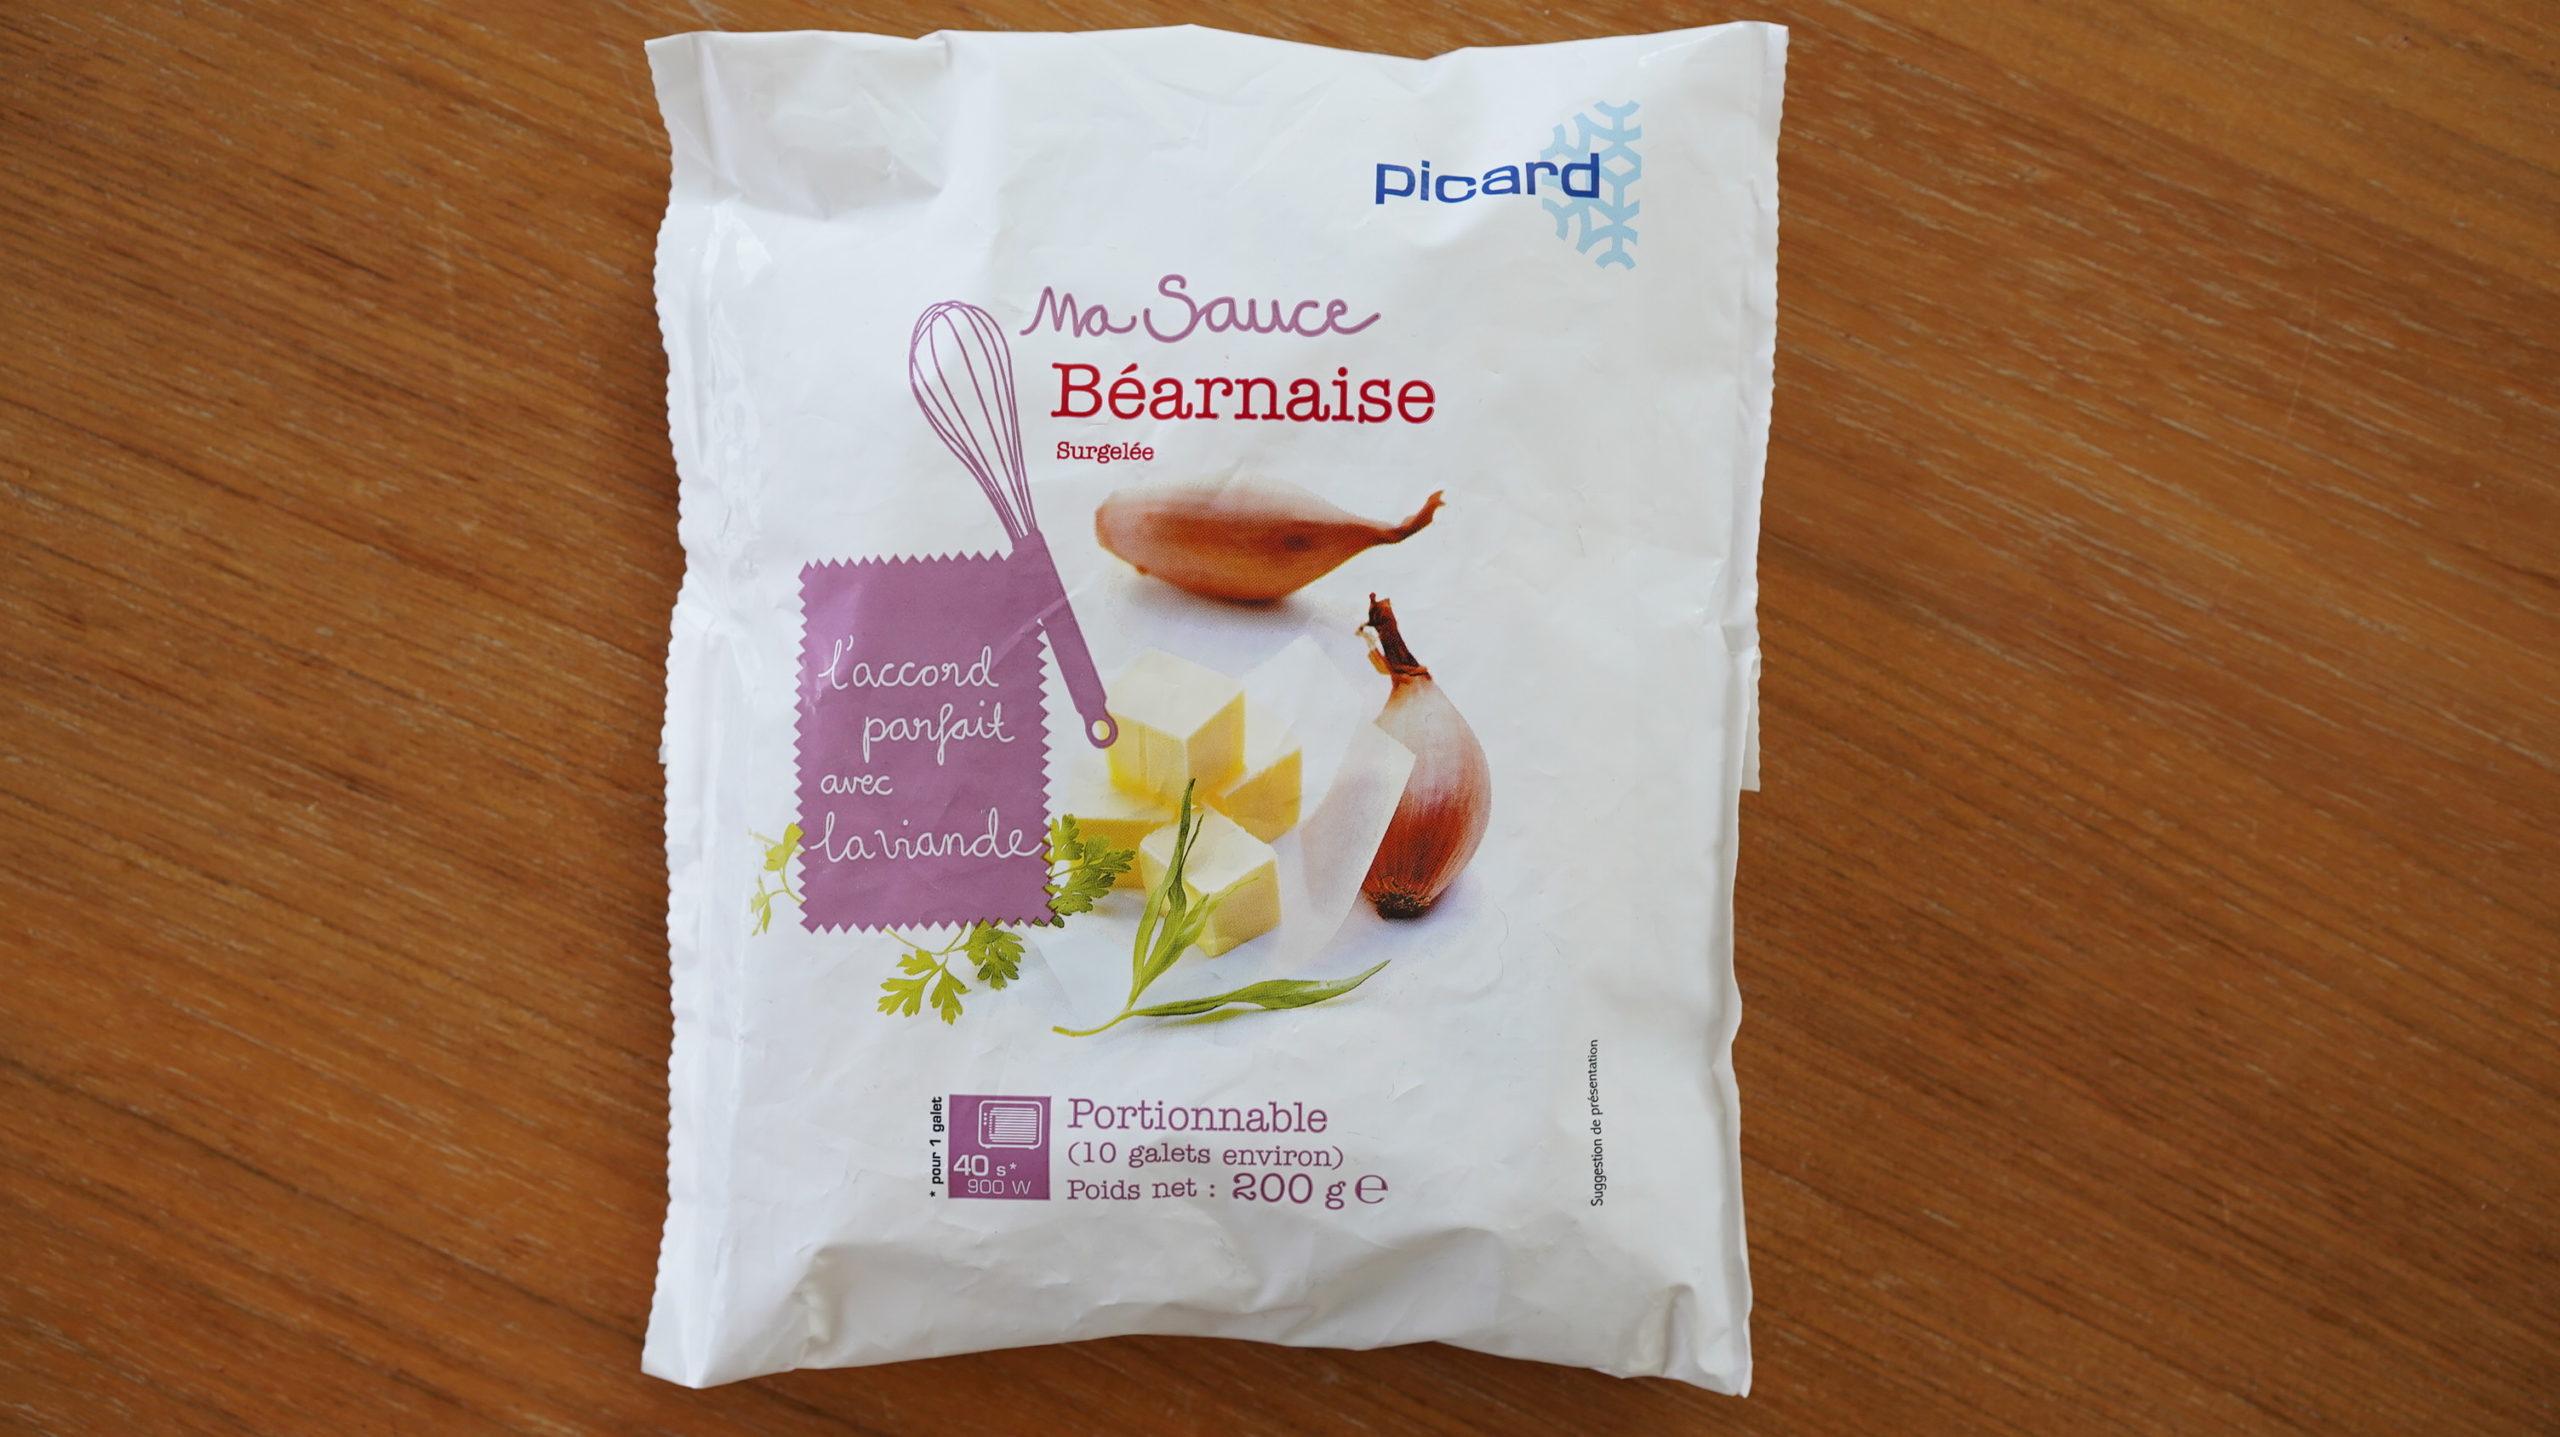 ピカールのおすすめ冷凍食品「ベアルネーゼソース」のパッケージ写真